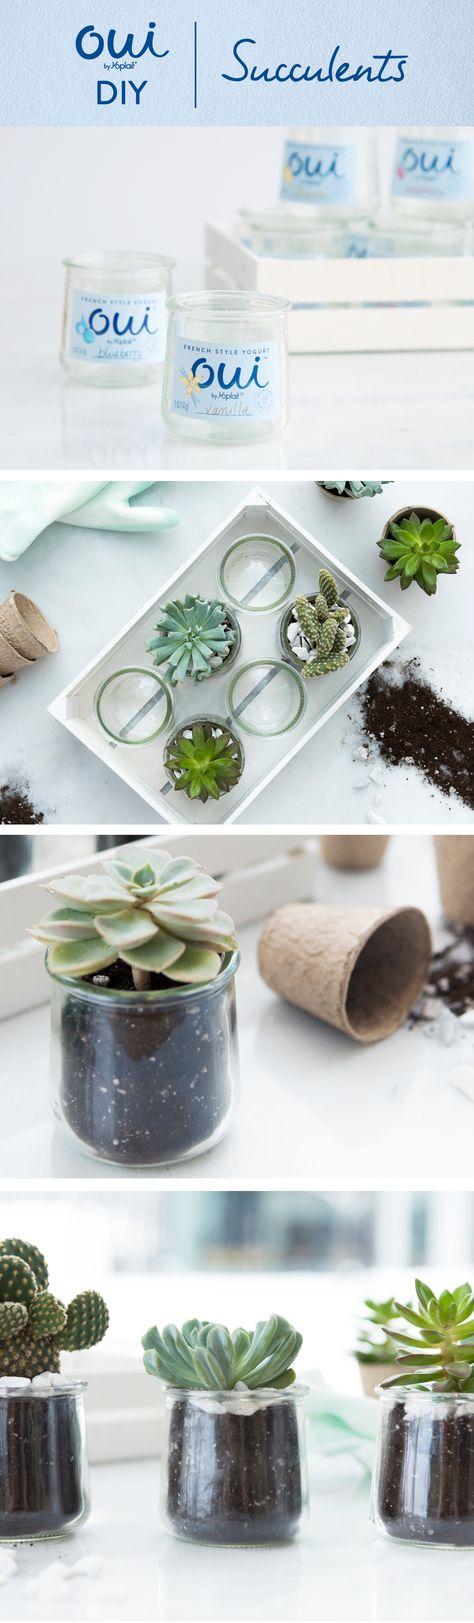 Oui by Yoplait DIY- Reuse Oui by Yoplait pots as planters for succulents.